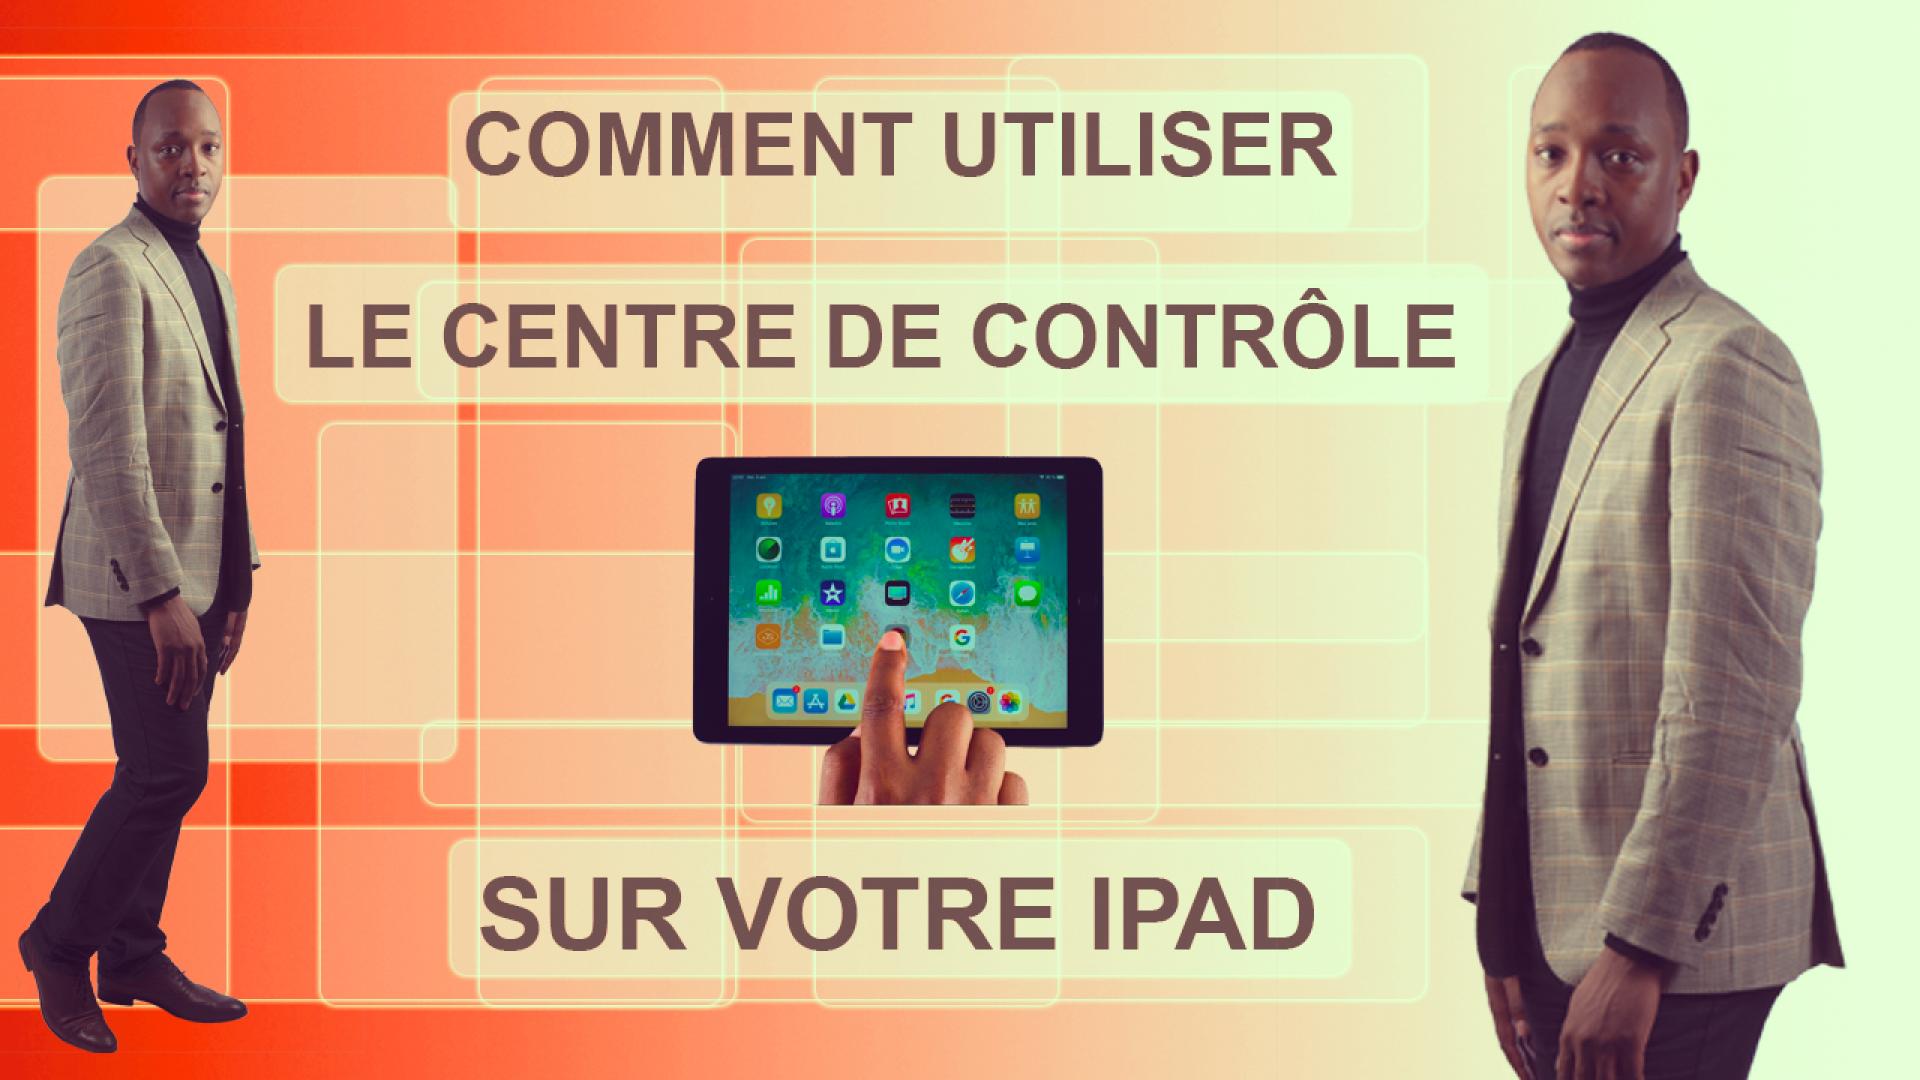 Comment utiliser le centre de contrôle sur votre iPad